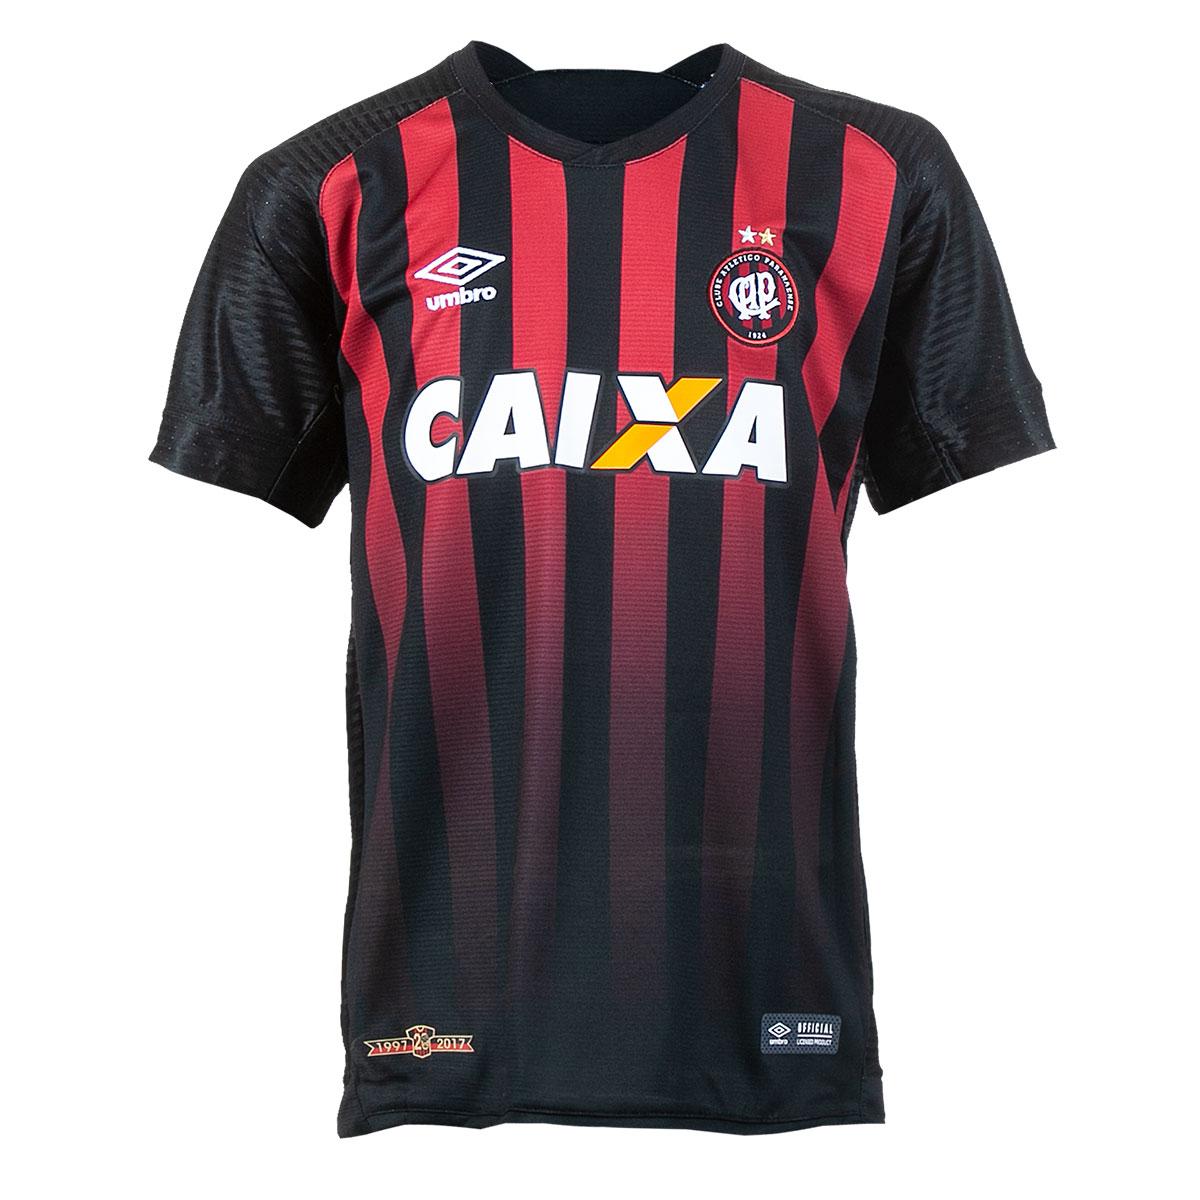 Camisa Juvenil Umbro Atlético Paranaense Futebol - Preto/Vermelho